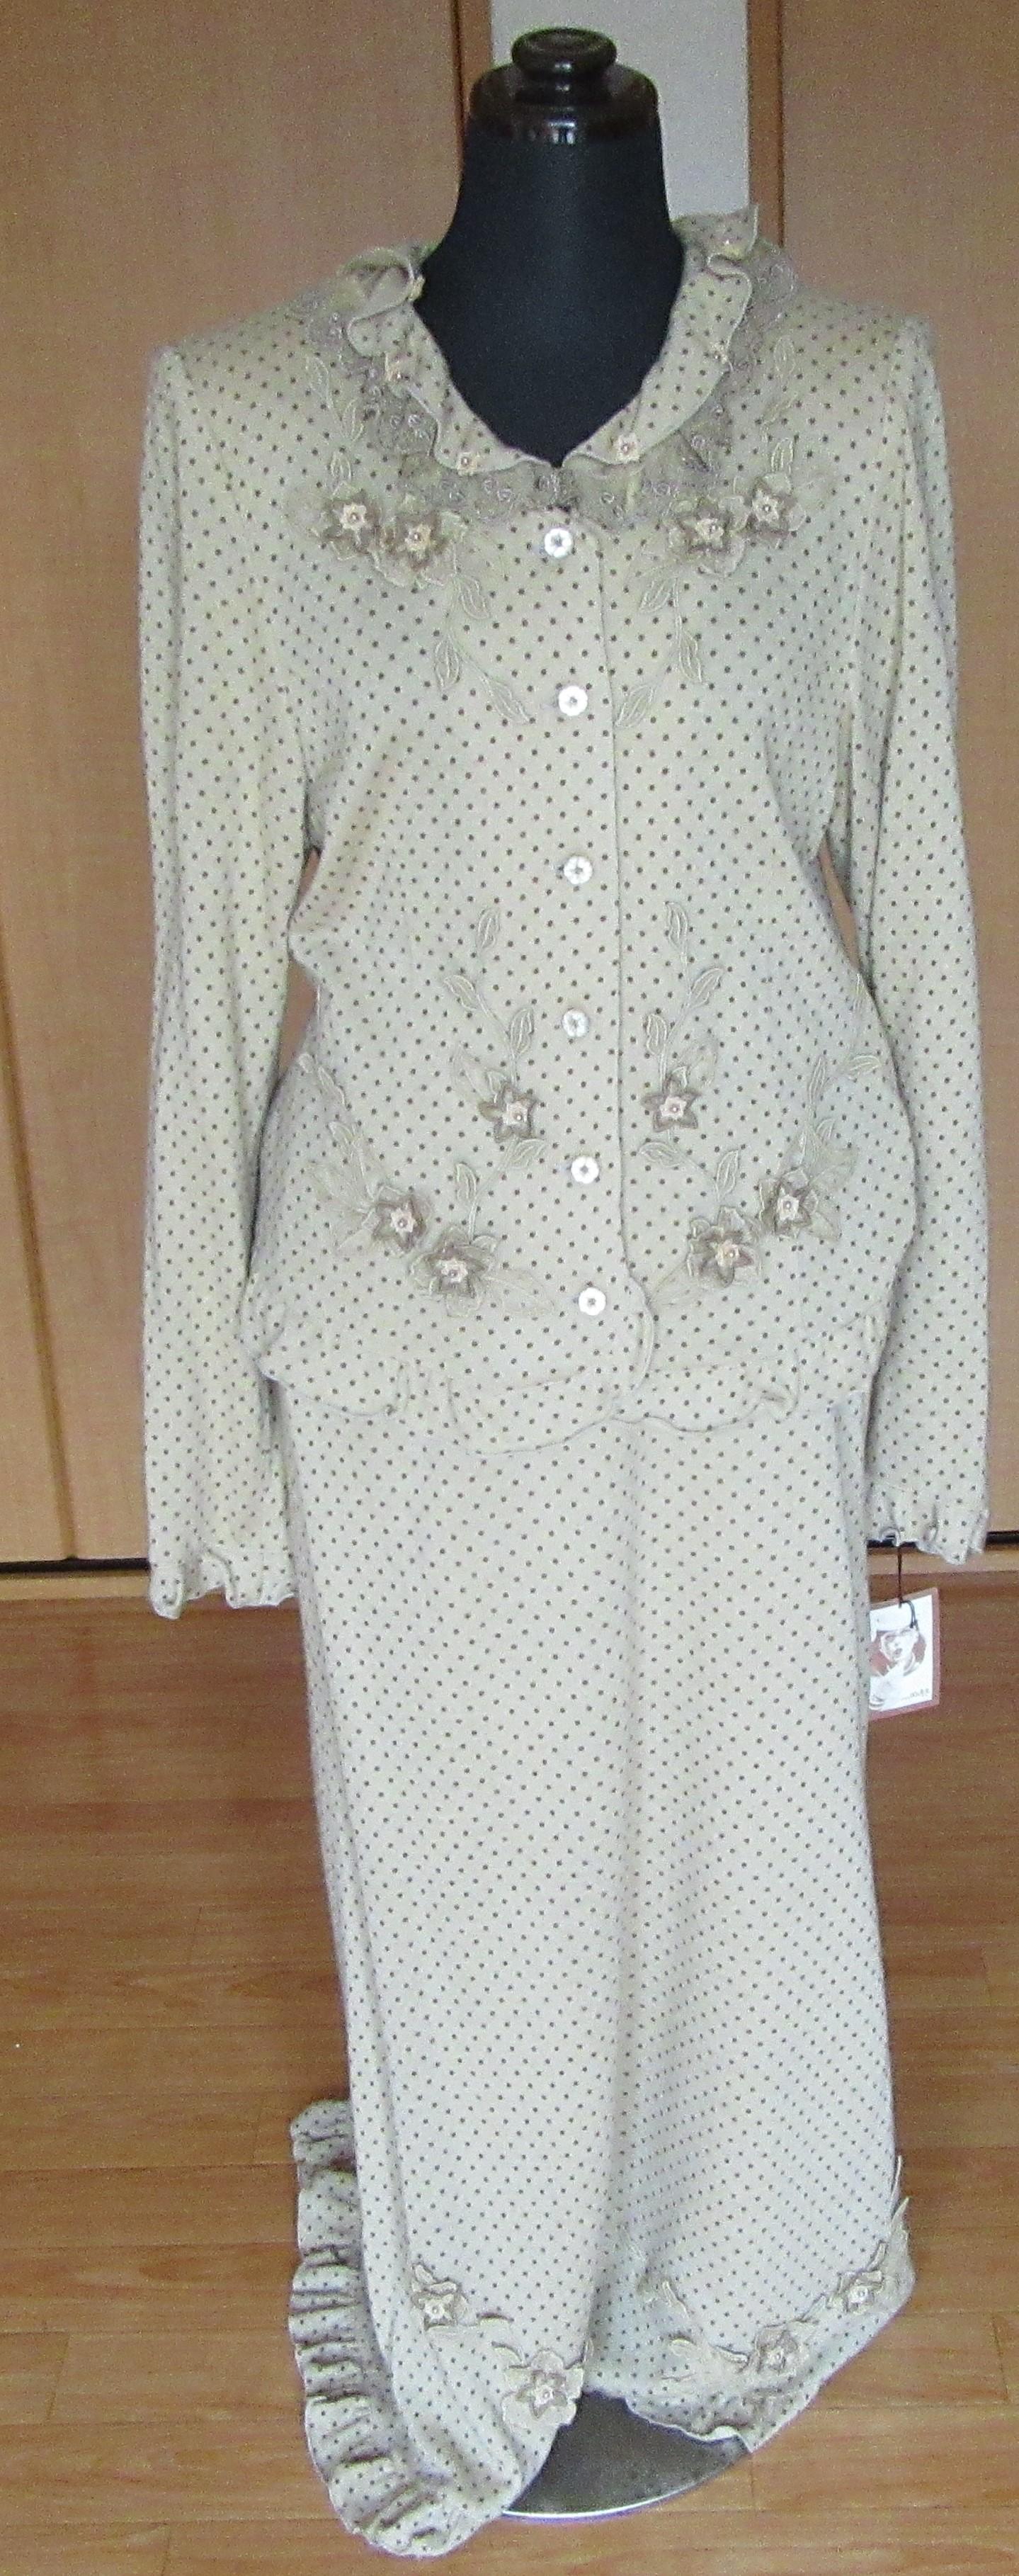 ドレス スーツ ロング丈 ベージュ Mサイズ 新品 日本製